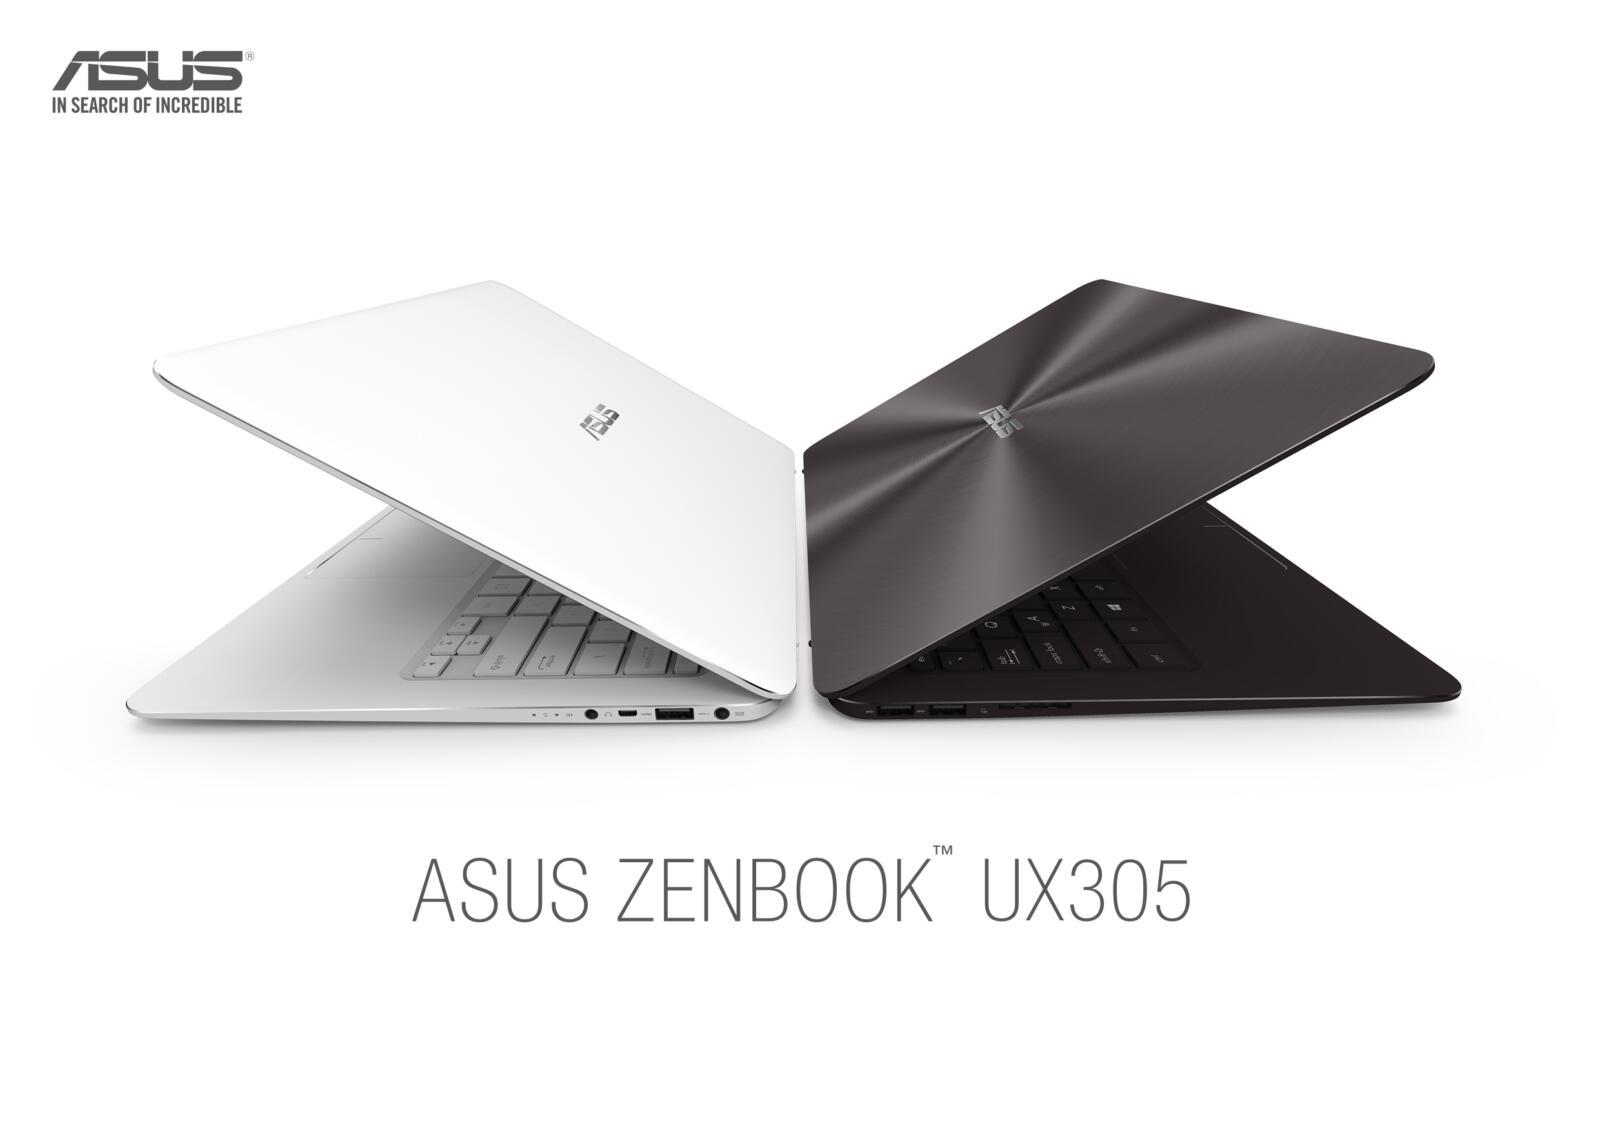 Zenbook (UX305)